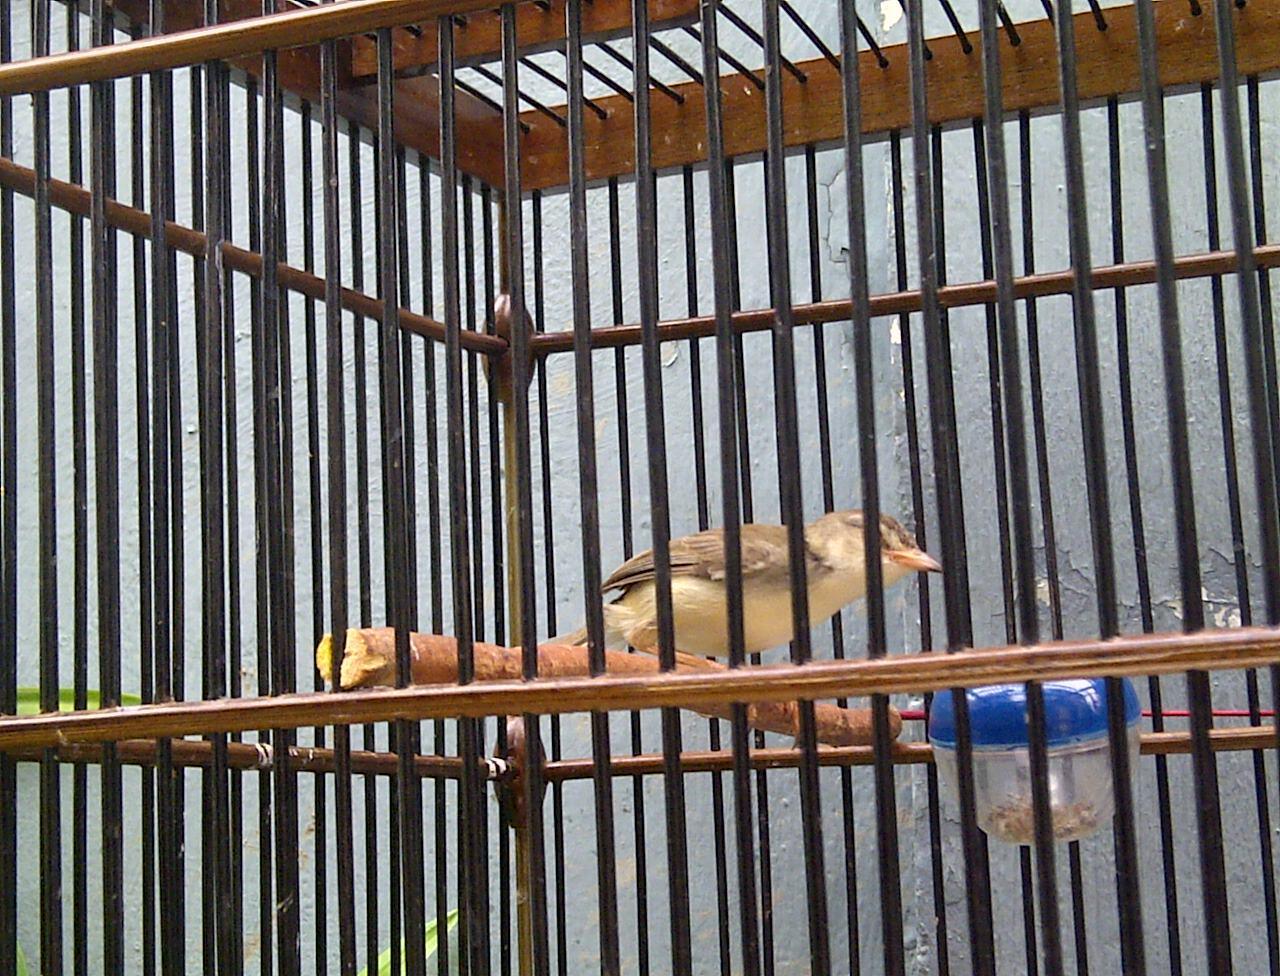 Terjual Burung Ciblek Gunung Sawah Kaskus